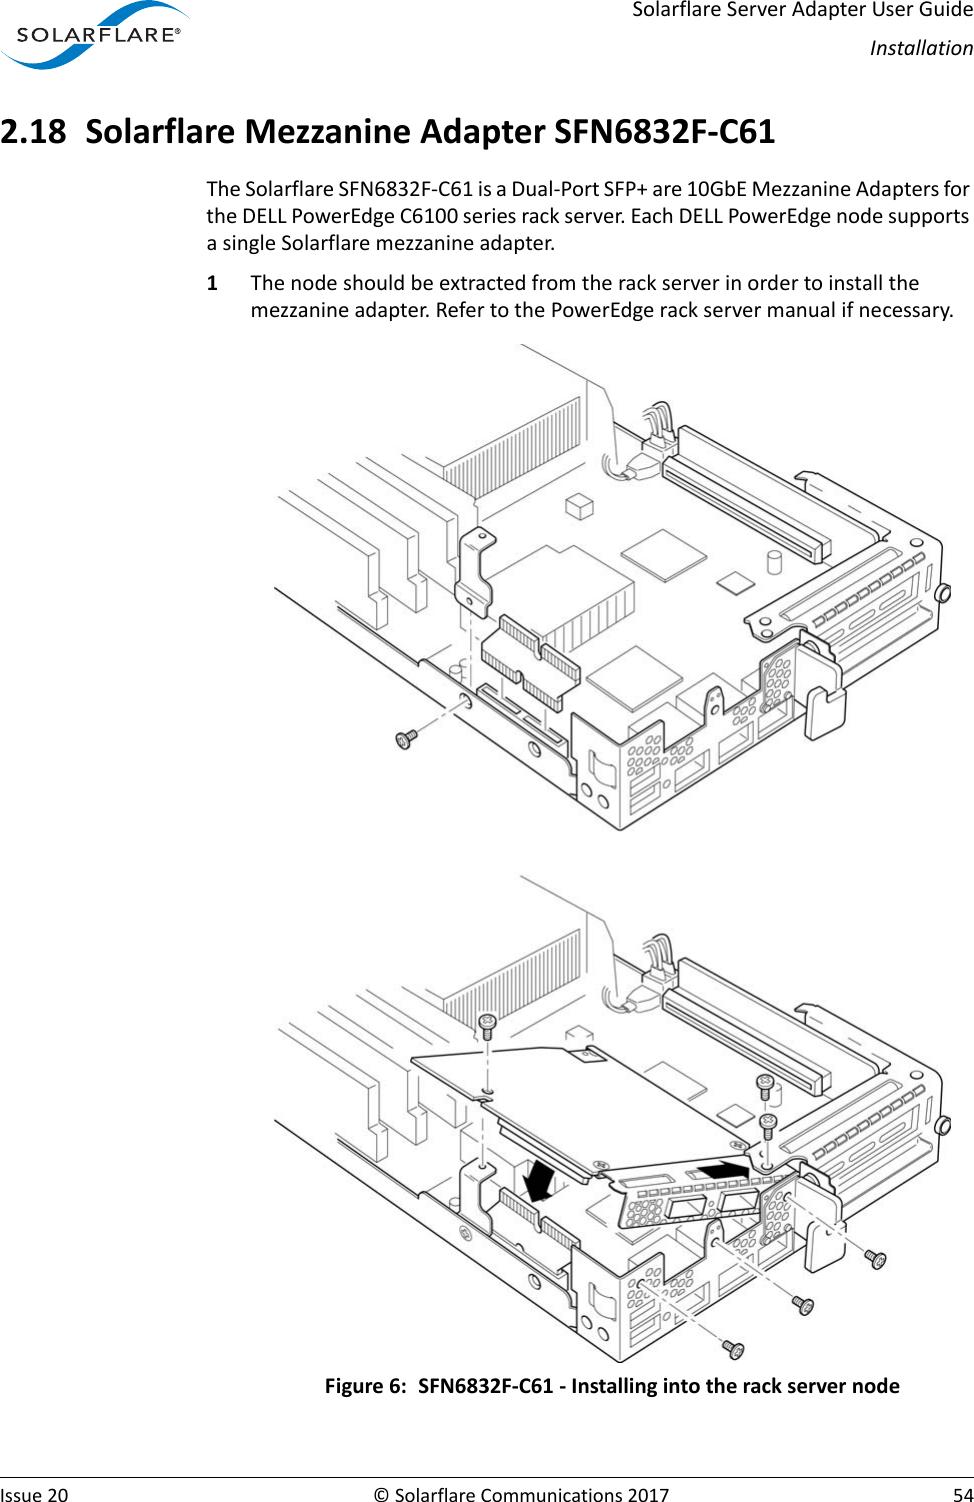 medium resolution of atum 110 b1 wiring diagram